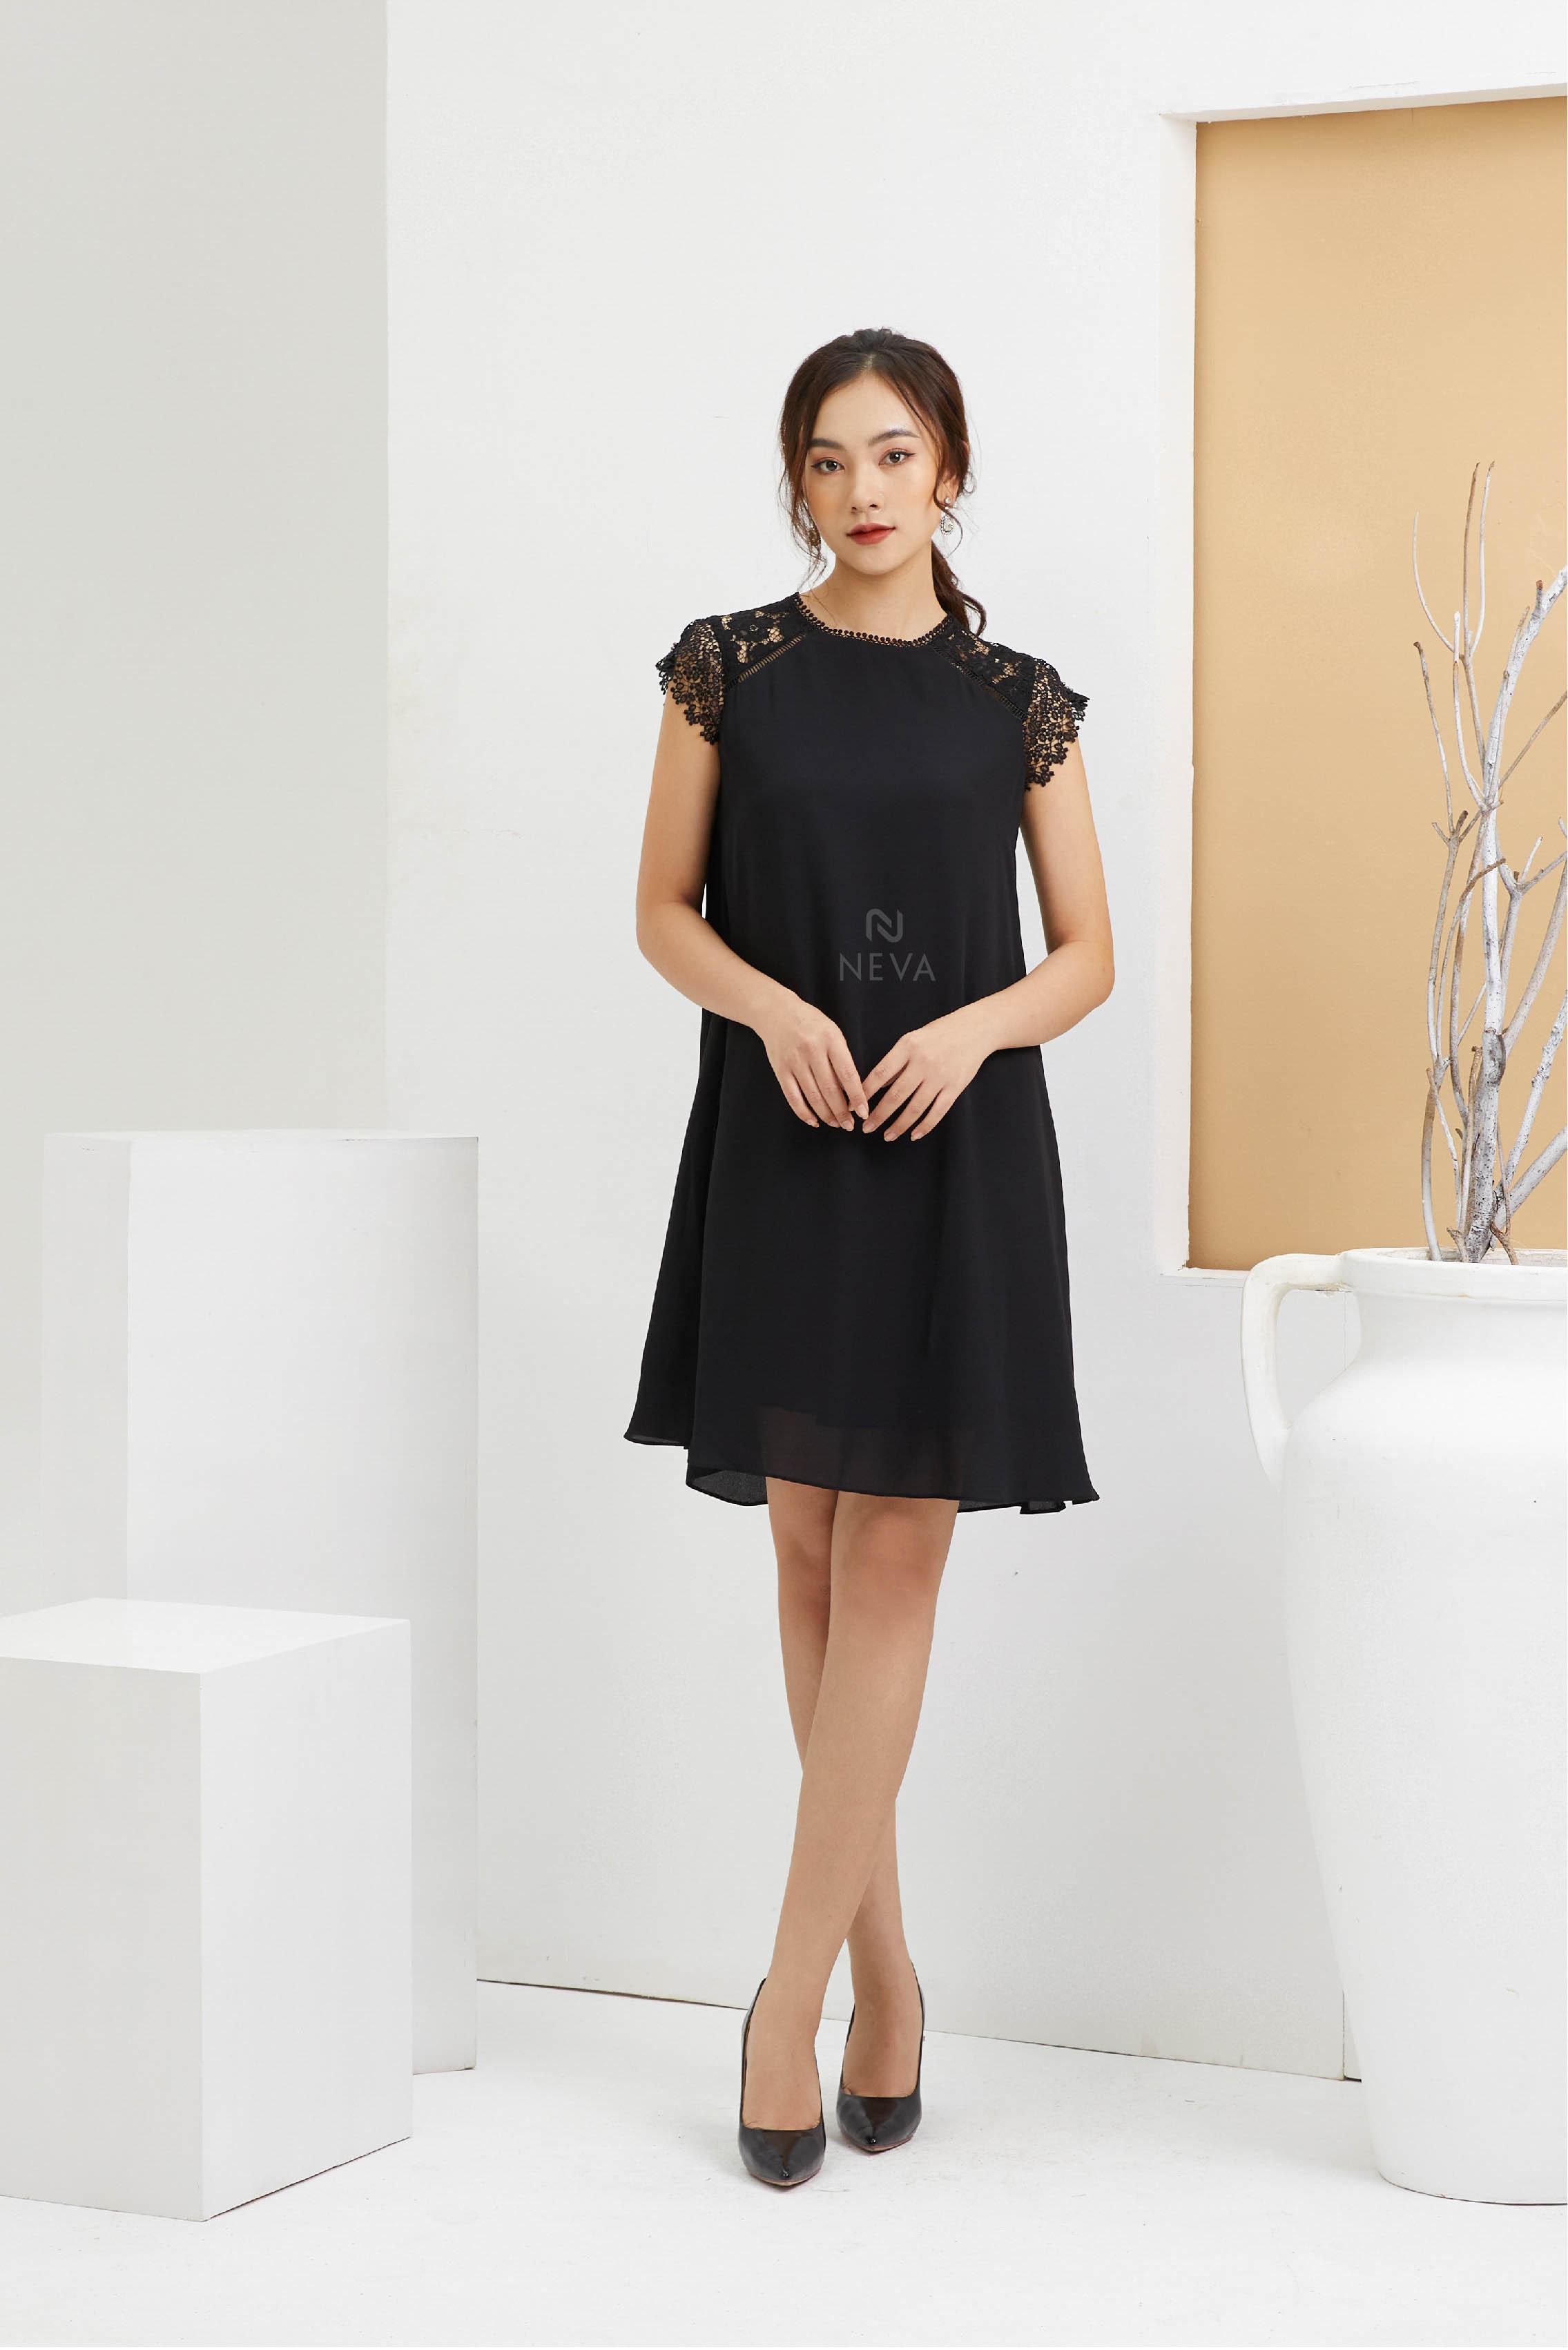 Đi tìm kiểu váy rời trung niên nịnh dáng nhất cho U40 - U50 - U60 - 2